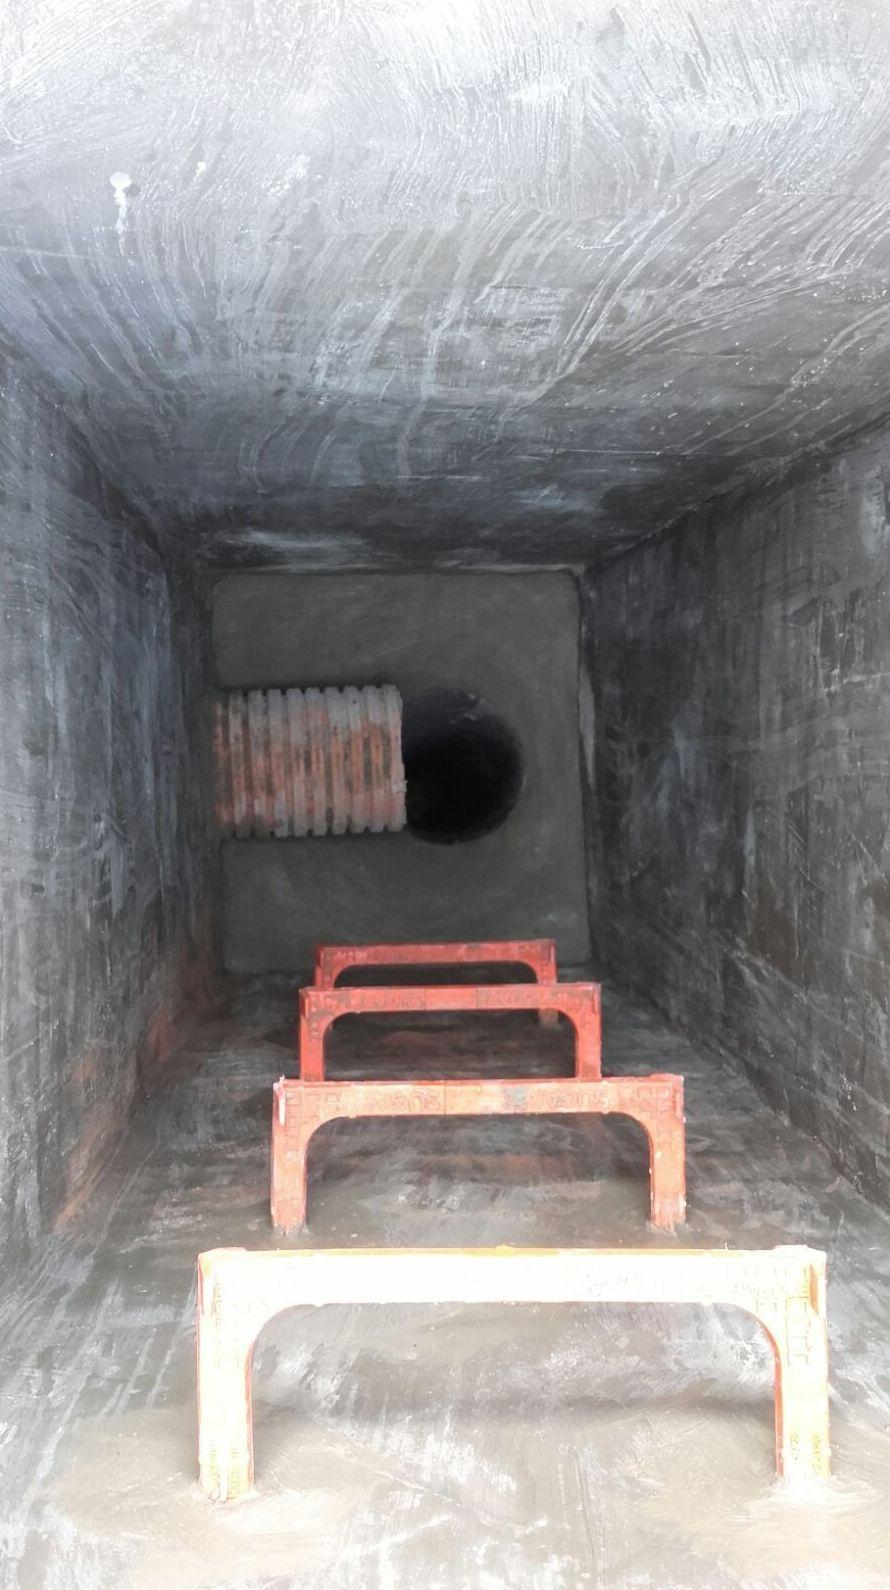 Arqueta trasdos. Se fabrica para evitar el golpe de agua en la base del pozo y su posterior desgaste prematuro